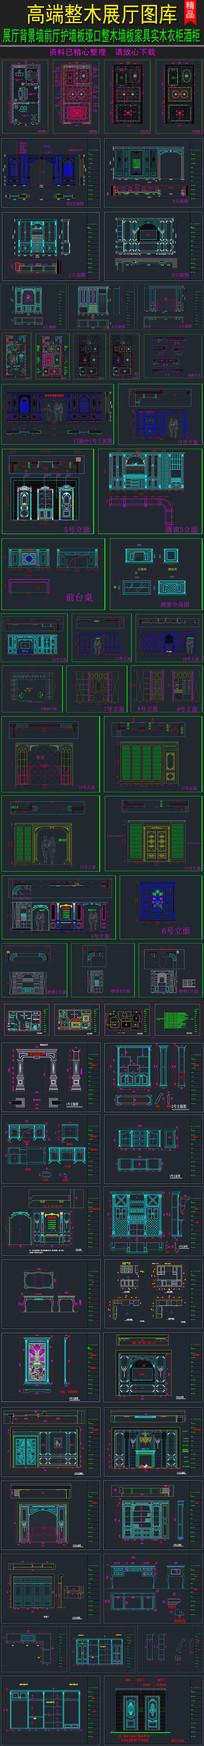 家装展厅整木CAD图库